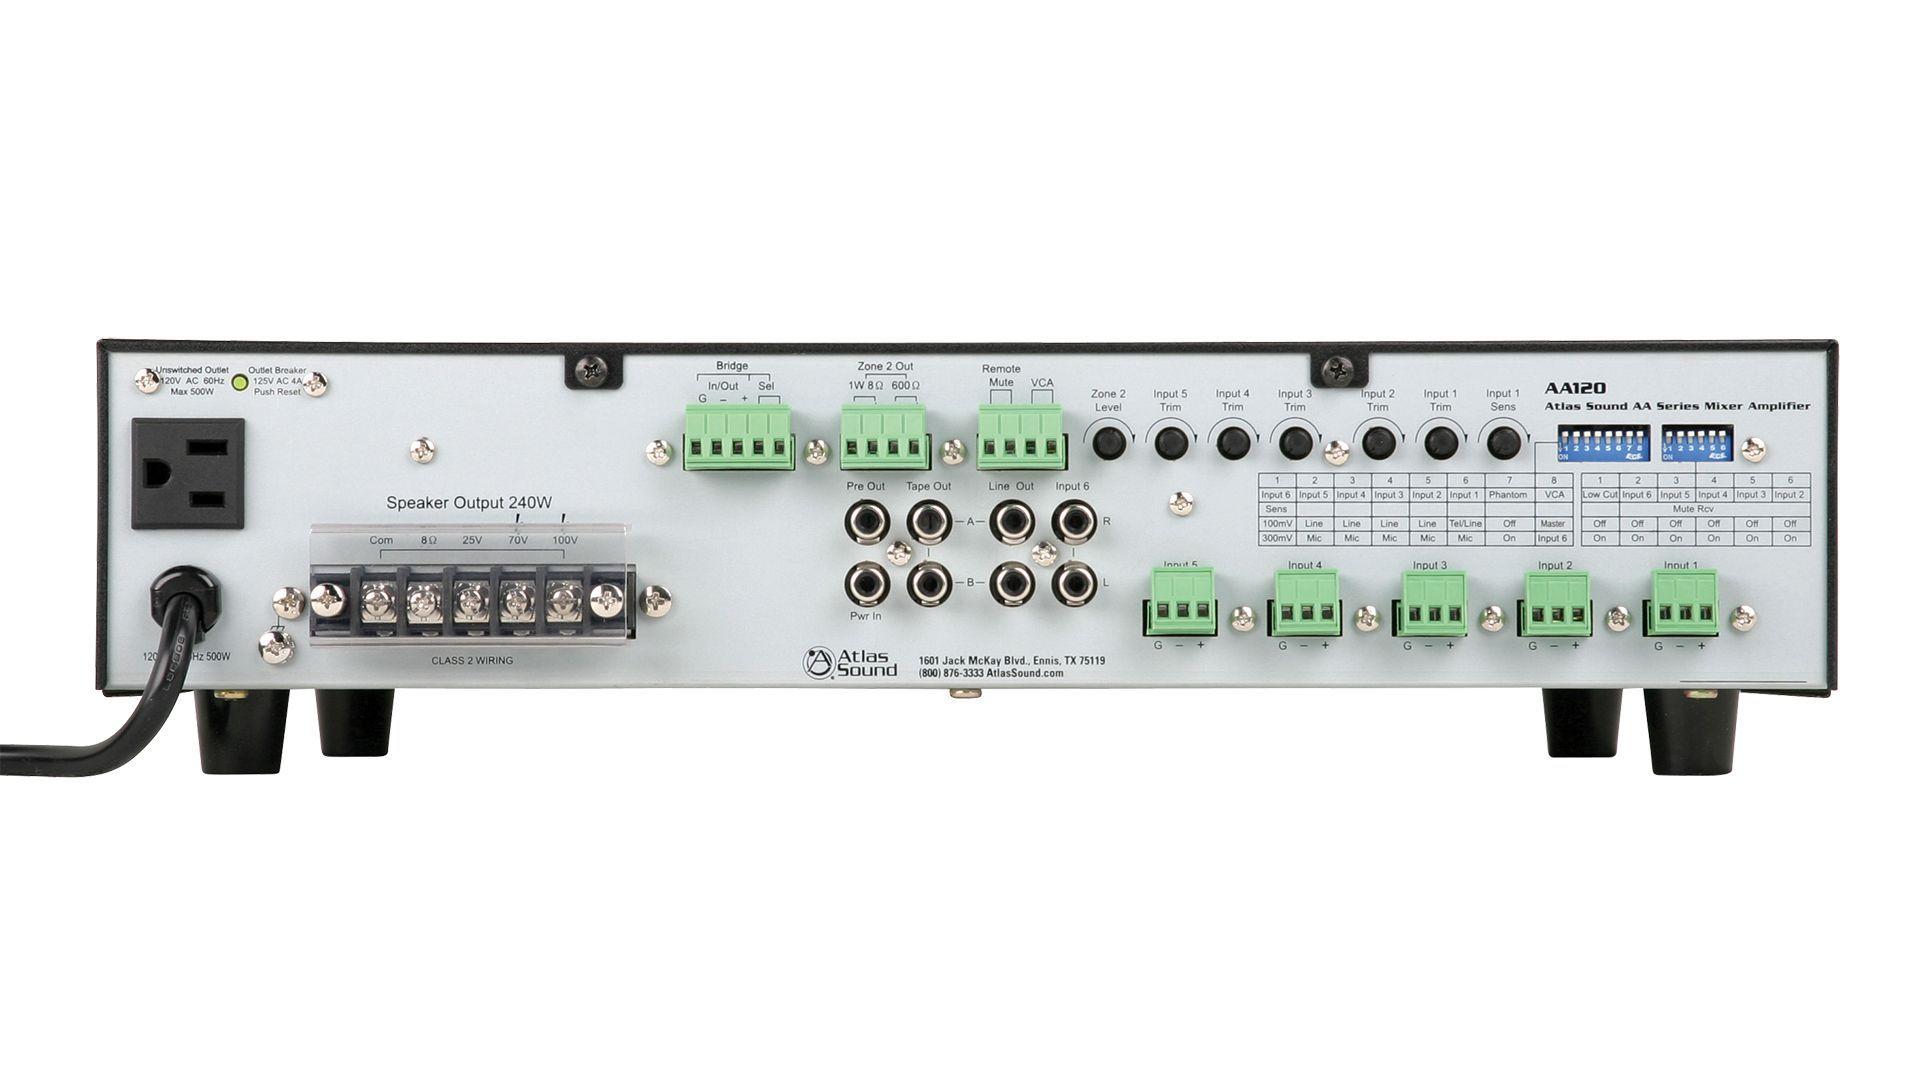 6 input 120 watt 25v70v100v8 mixer amplifier atlasied amplifier aa120 back panel sciox Choice Image